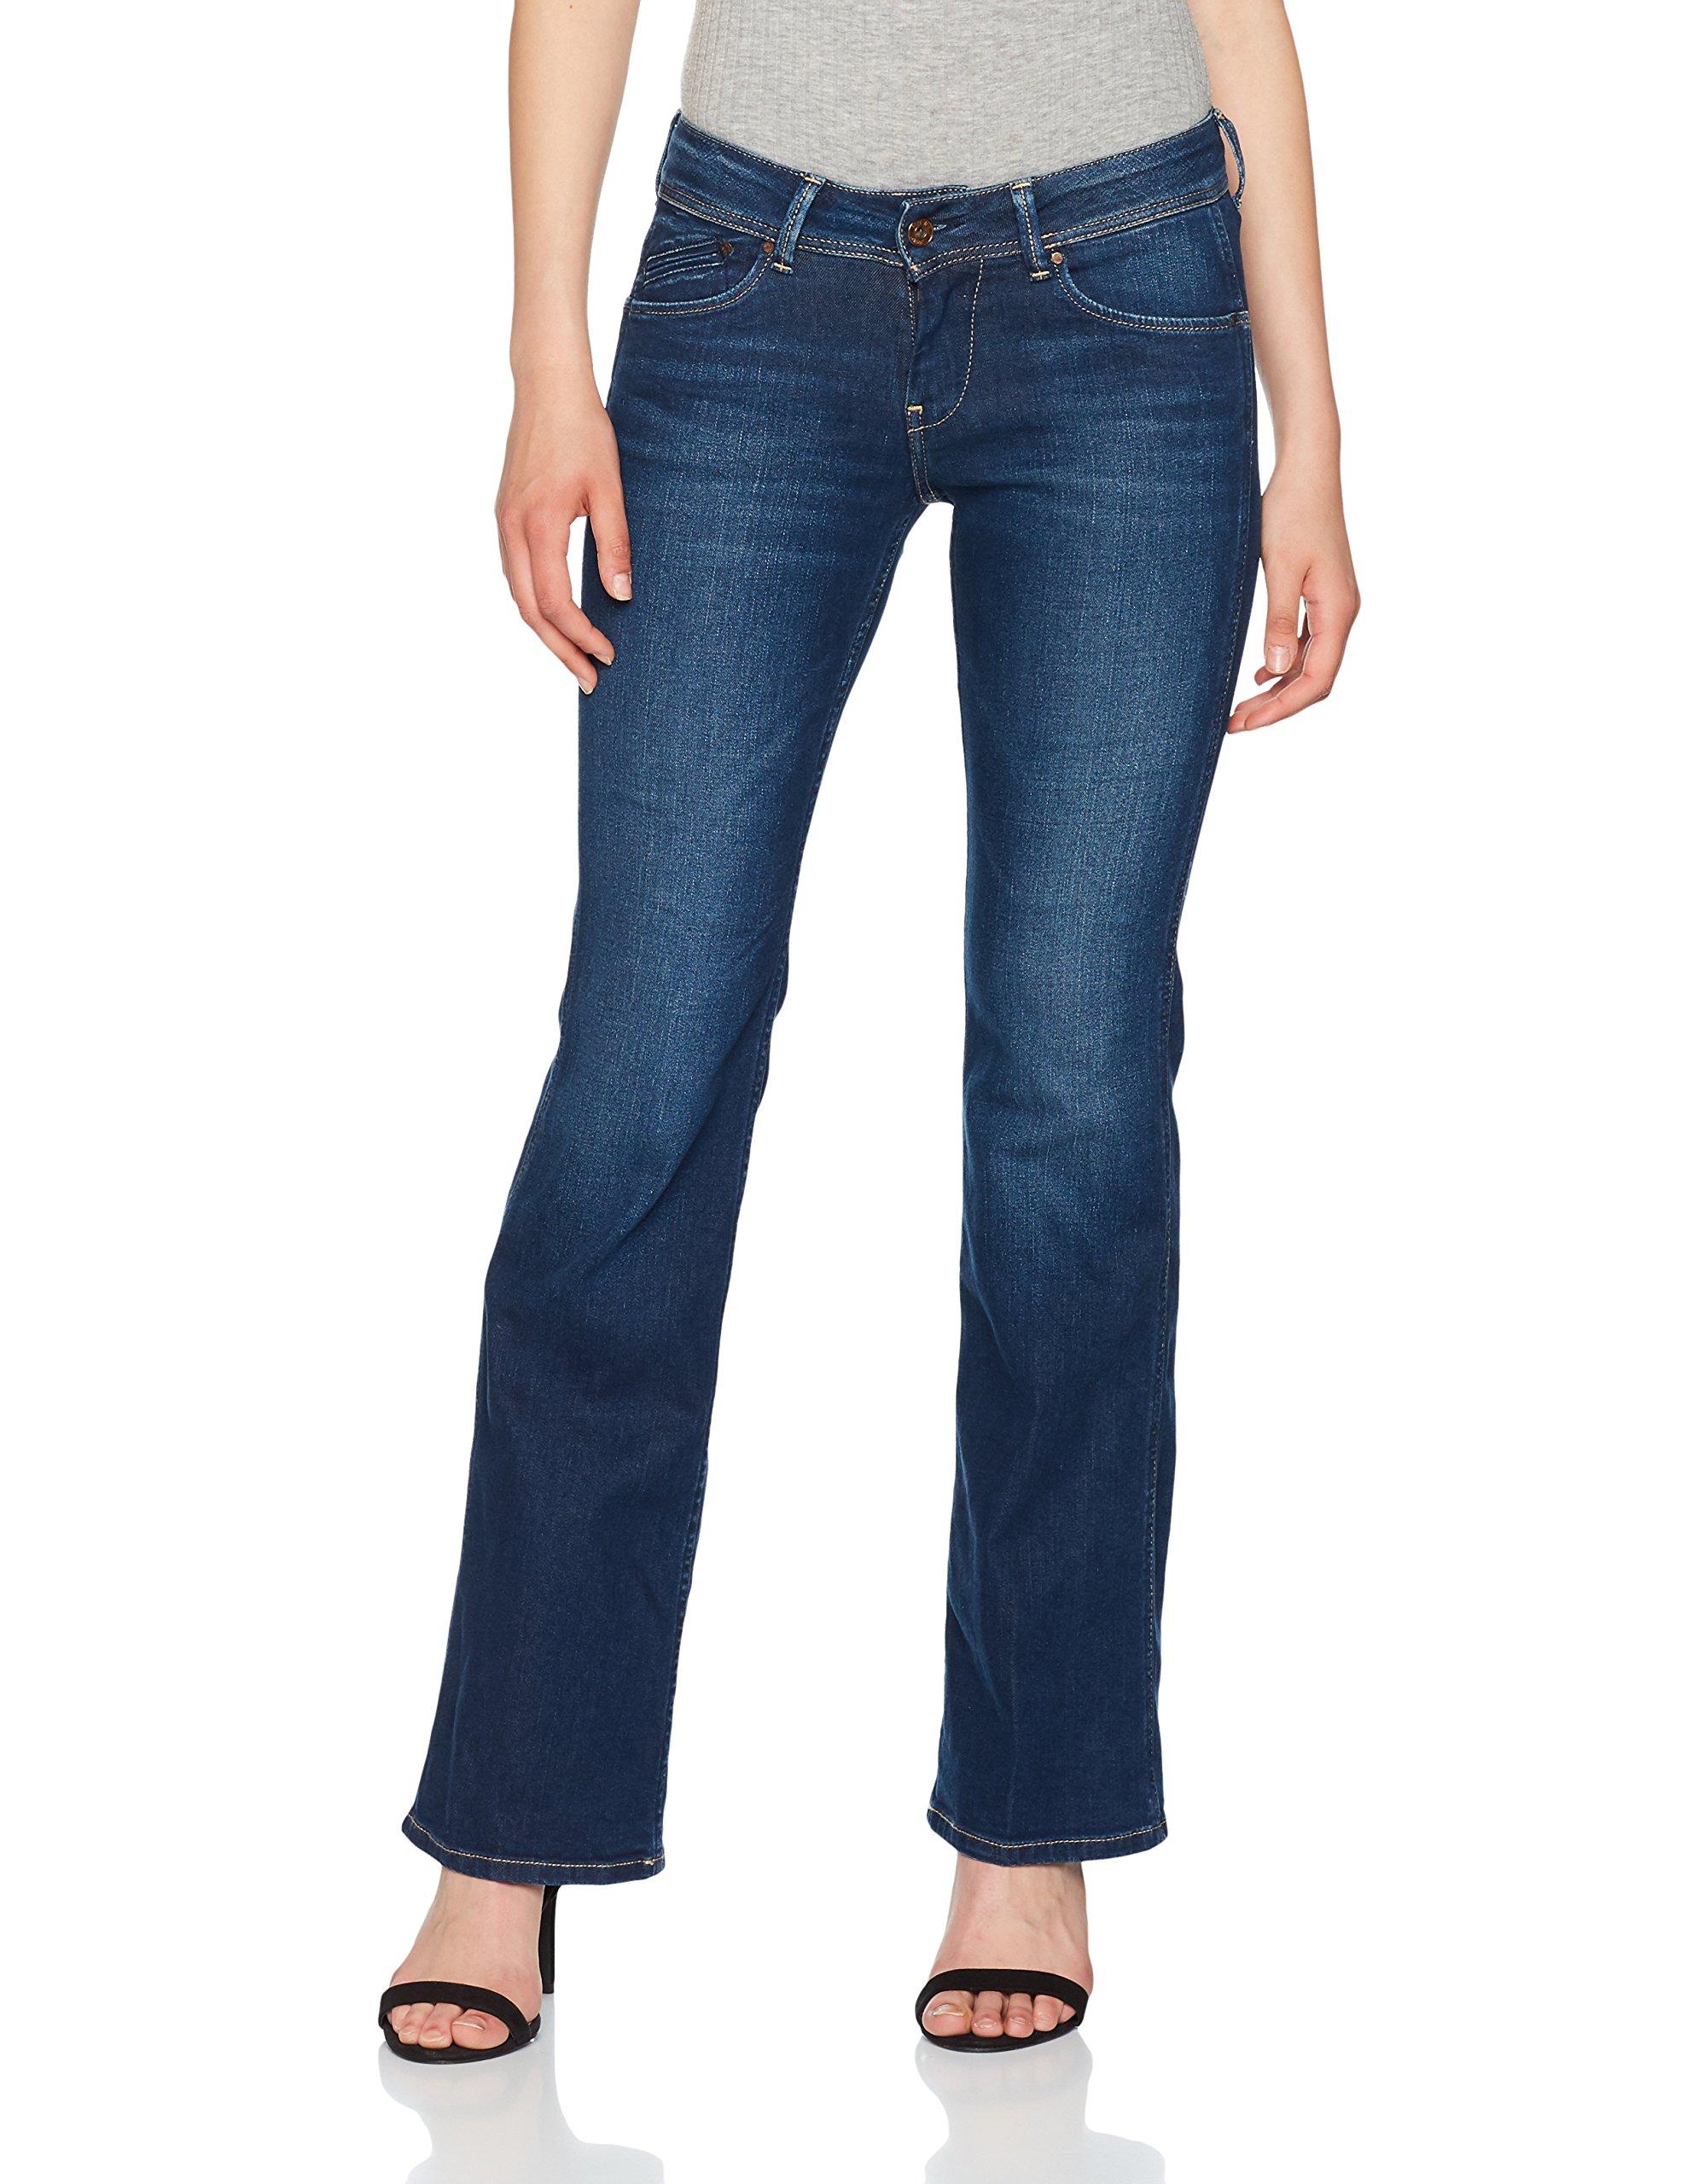 Jean D'éléphantDenimdark Pattes Pl200024 À Pimlico Jeans Femme Pepe UsedW26l32 34Ajq5cRL